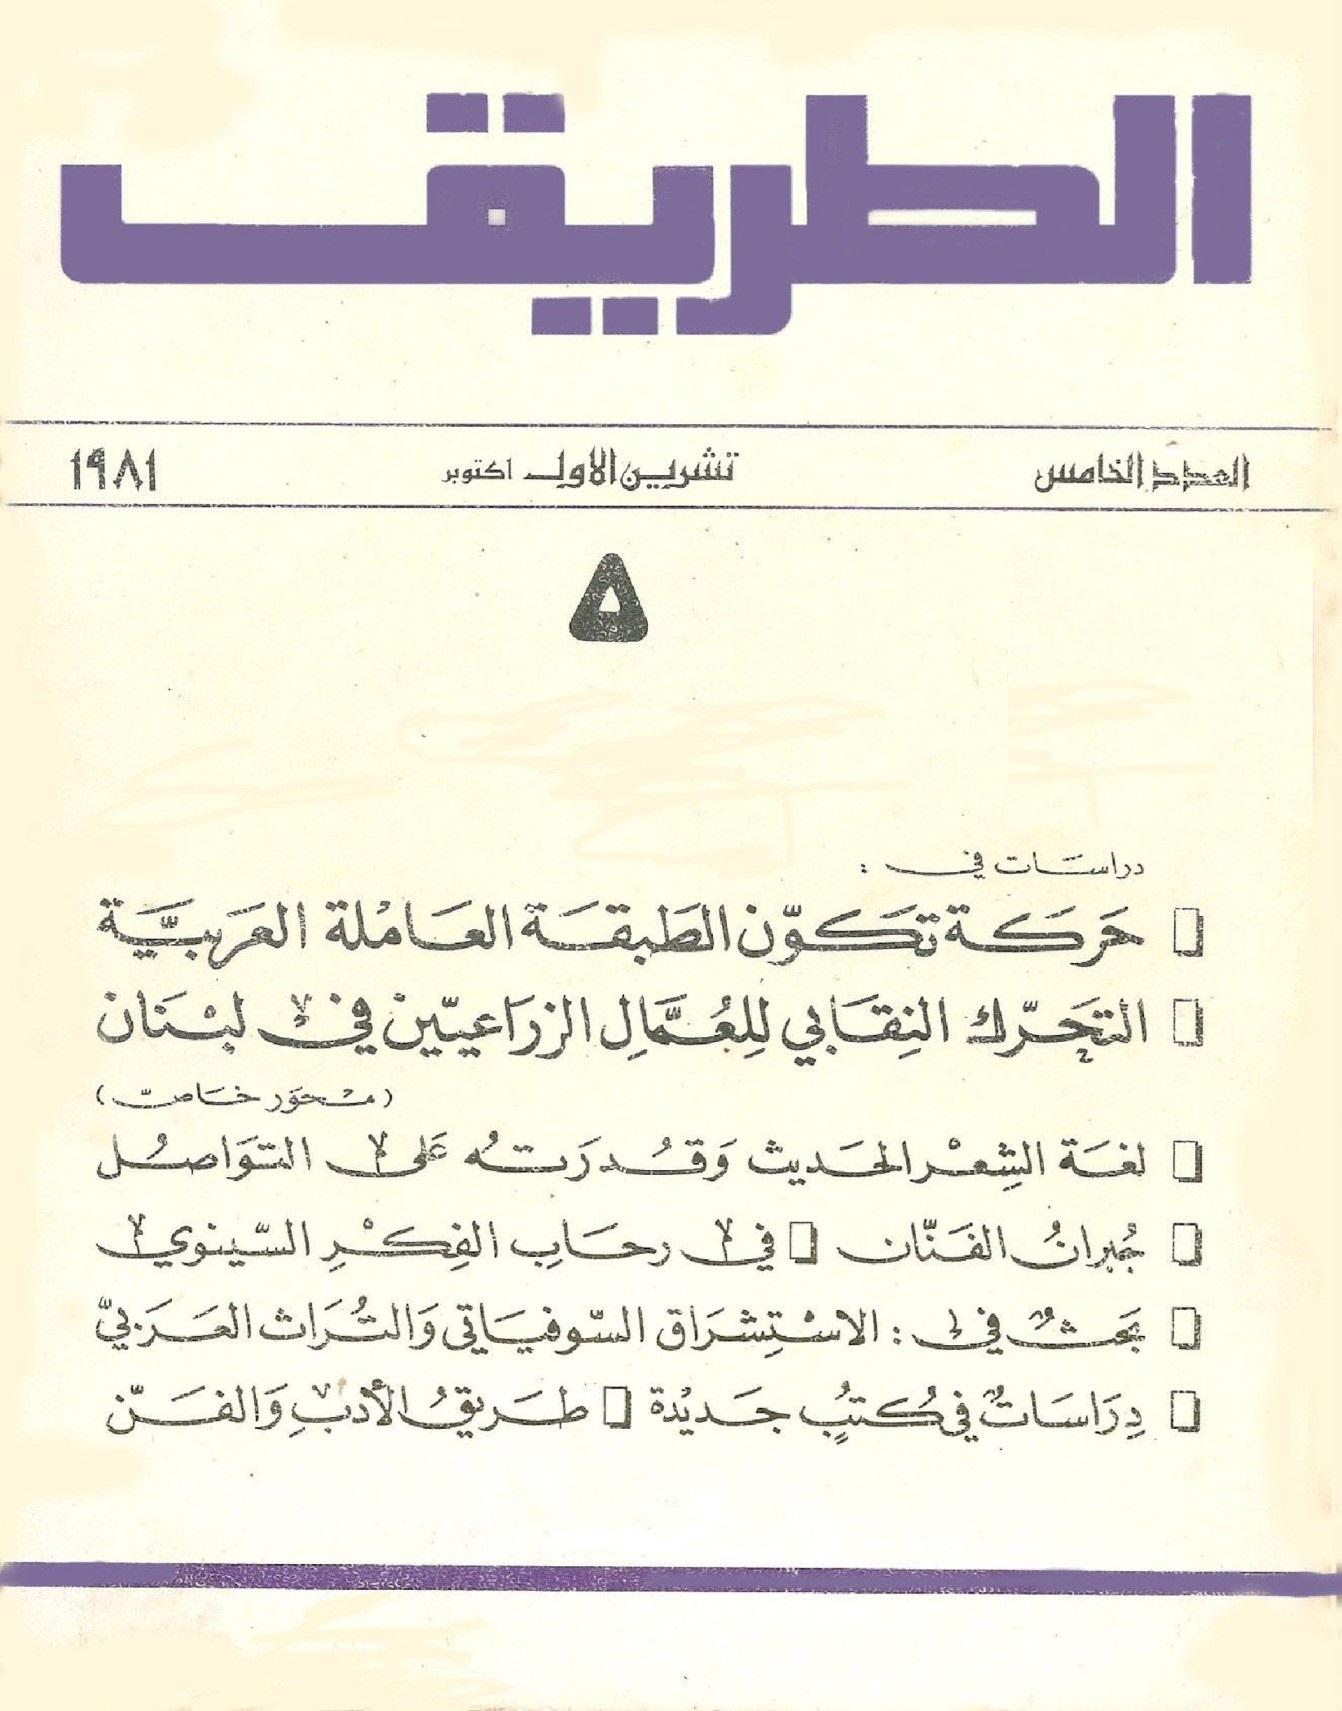 مجلة الطريق،العدد الخامس،تشرين الأول اكتوبر 1981